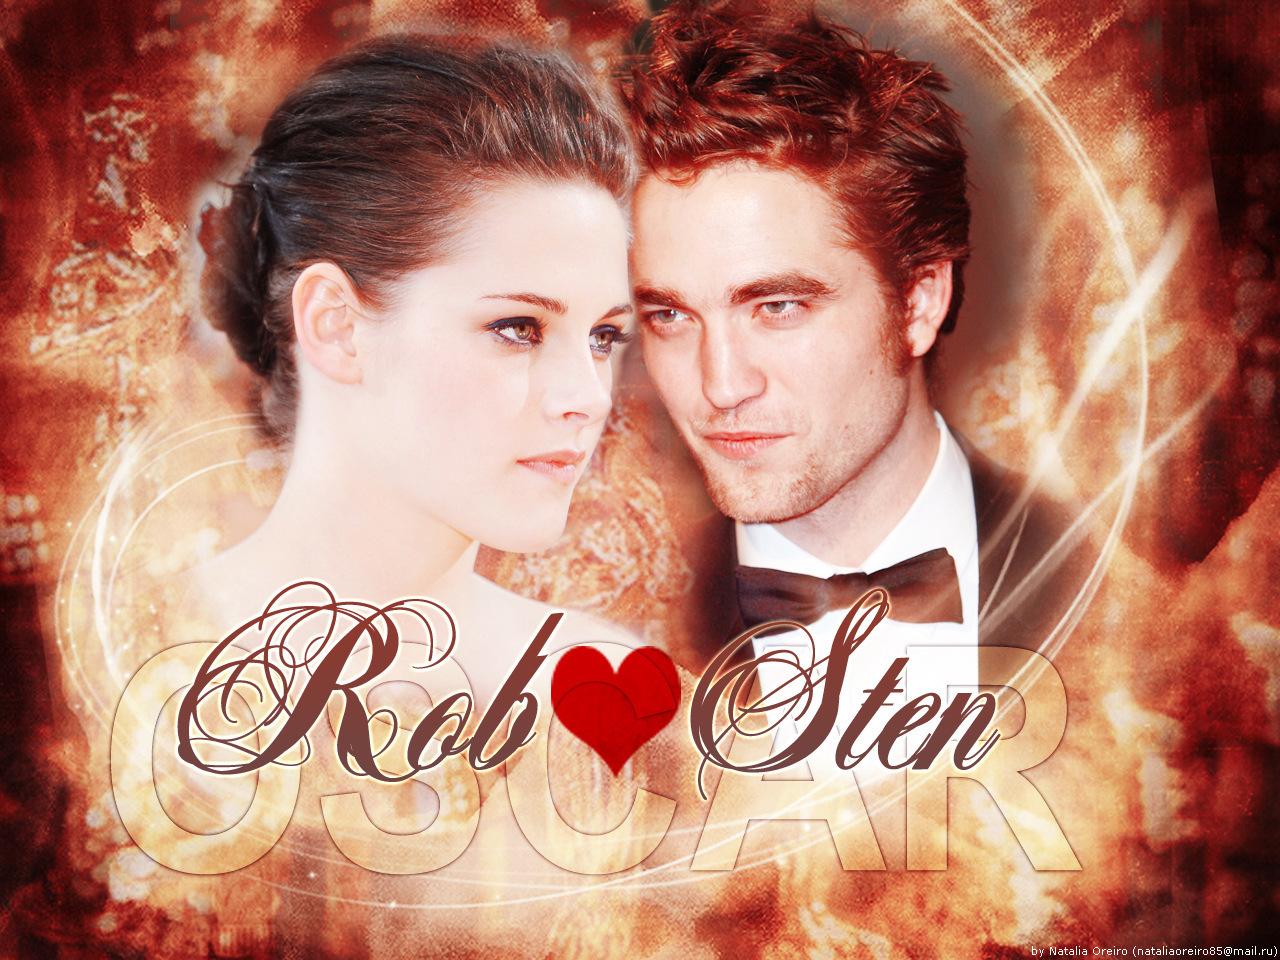 http://images2.fanpop.com/image/photos/10700000/Robsten-Oscars-robert-pattinson-and-kristen-stewart-10799936-1280-960.jpg